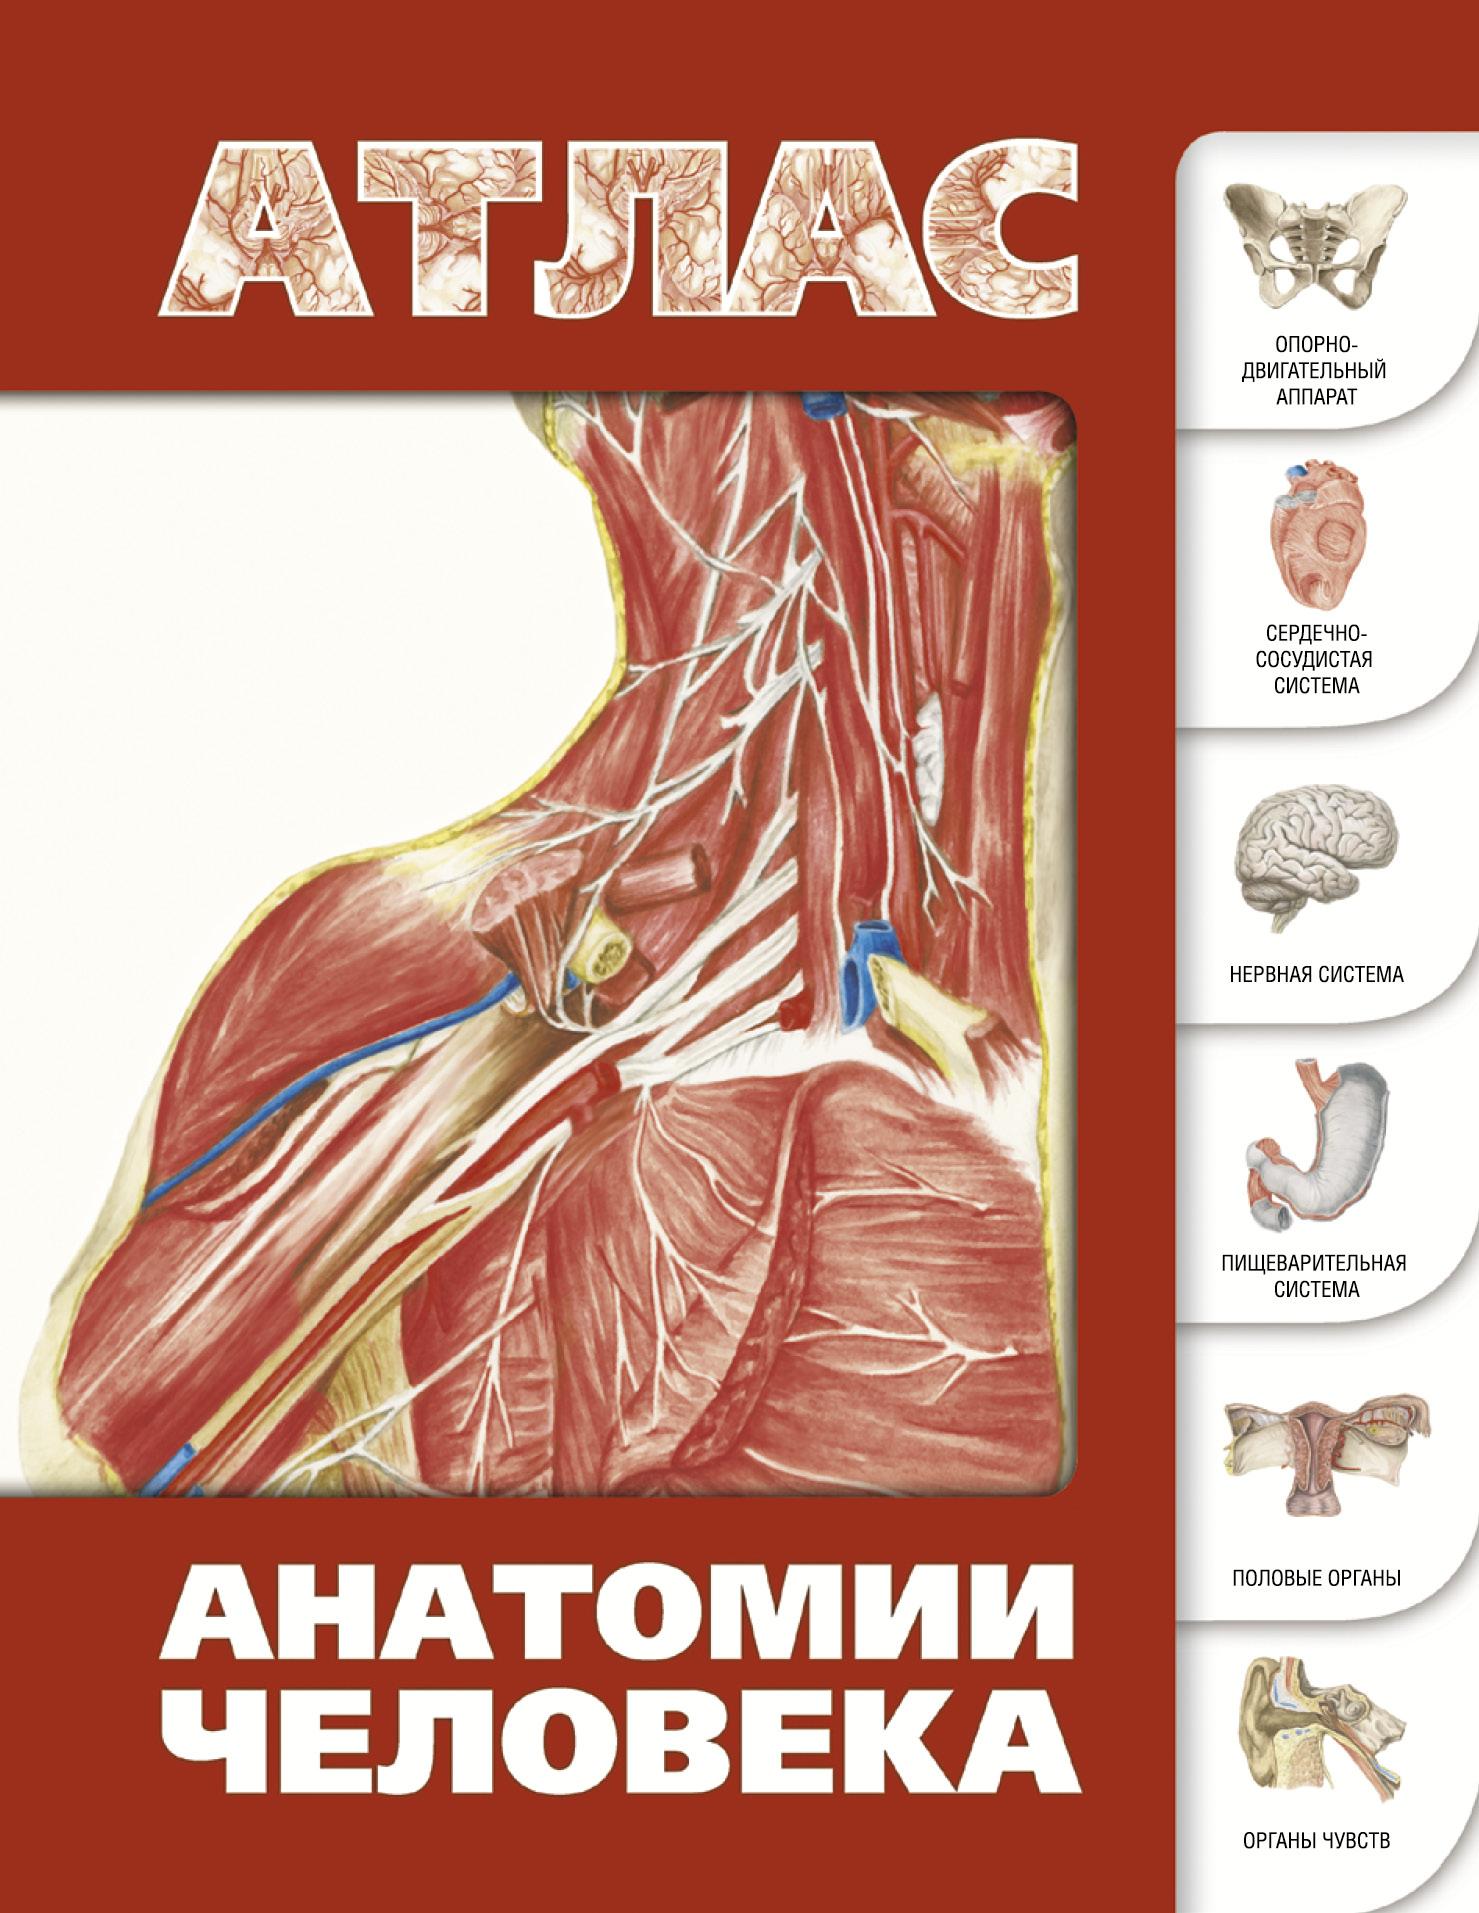 Лёвкин С.С. Атлас анатомии человека карпенко т ред большой иллюстрированный атлас анатомии человека энциклопедический атлас человеческого тела